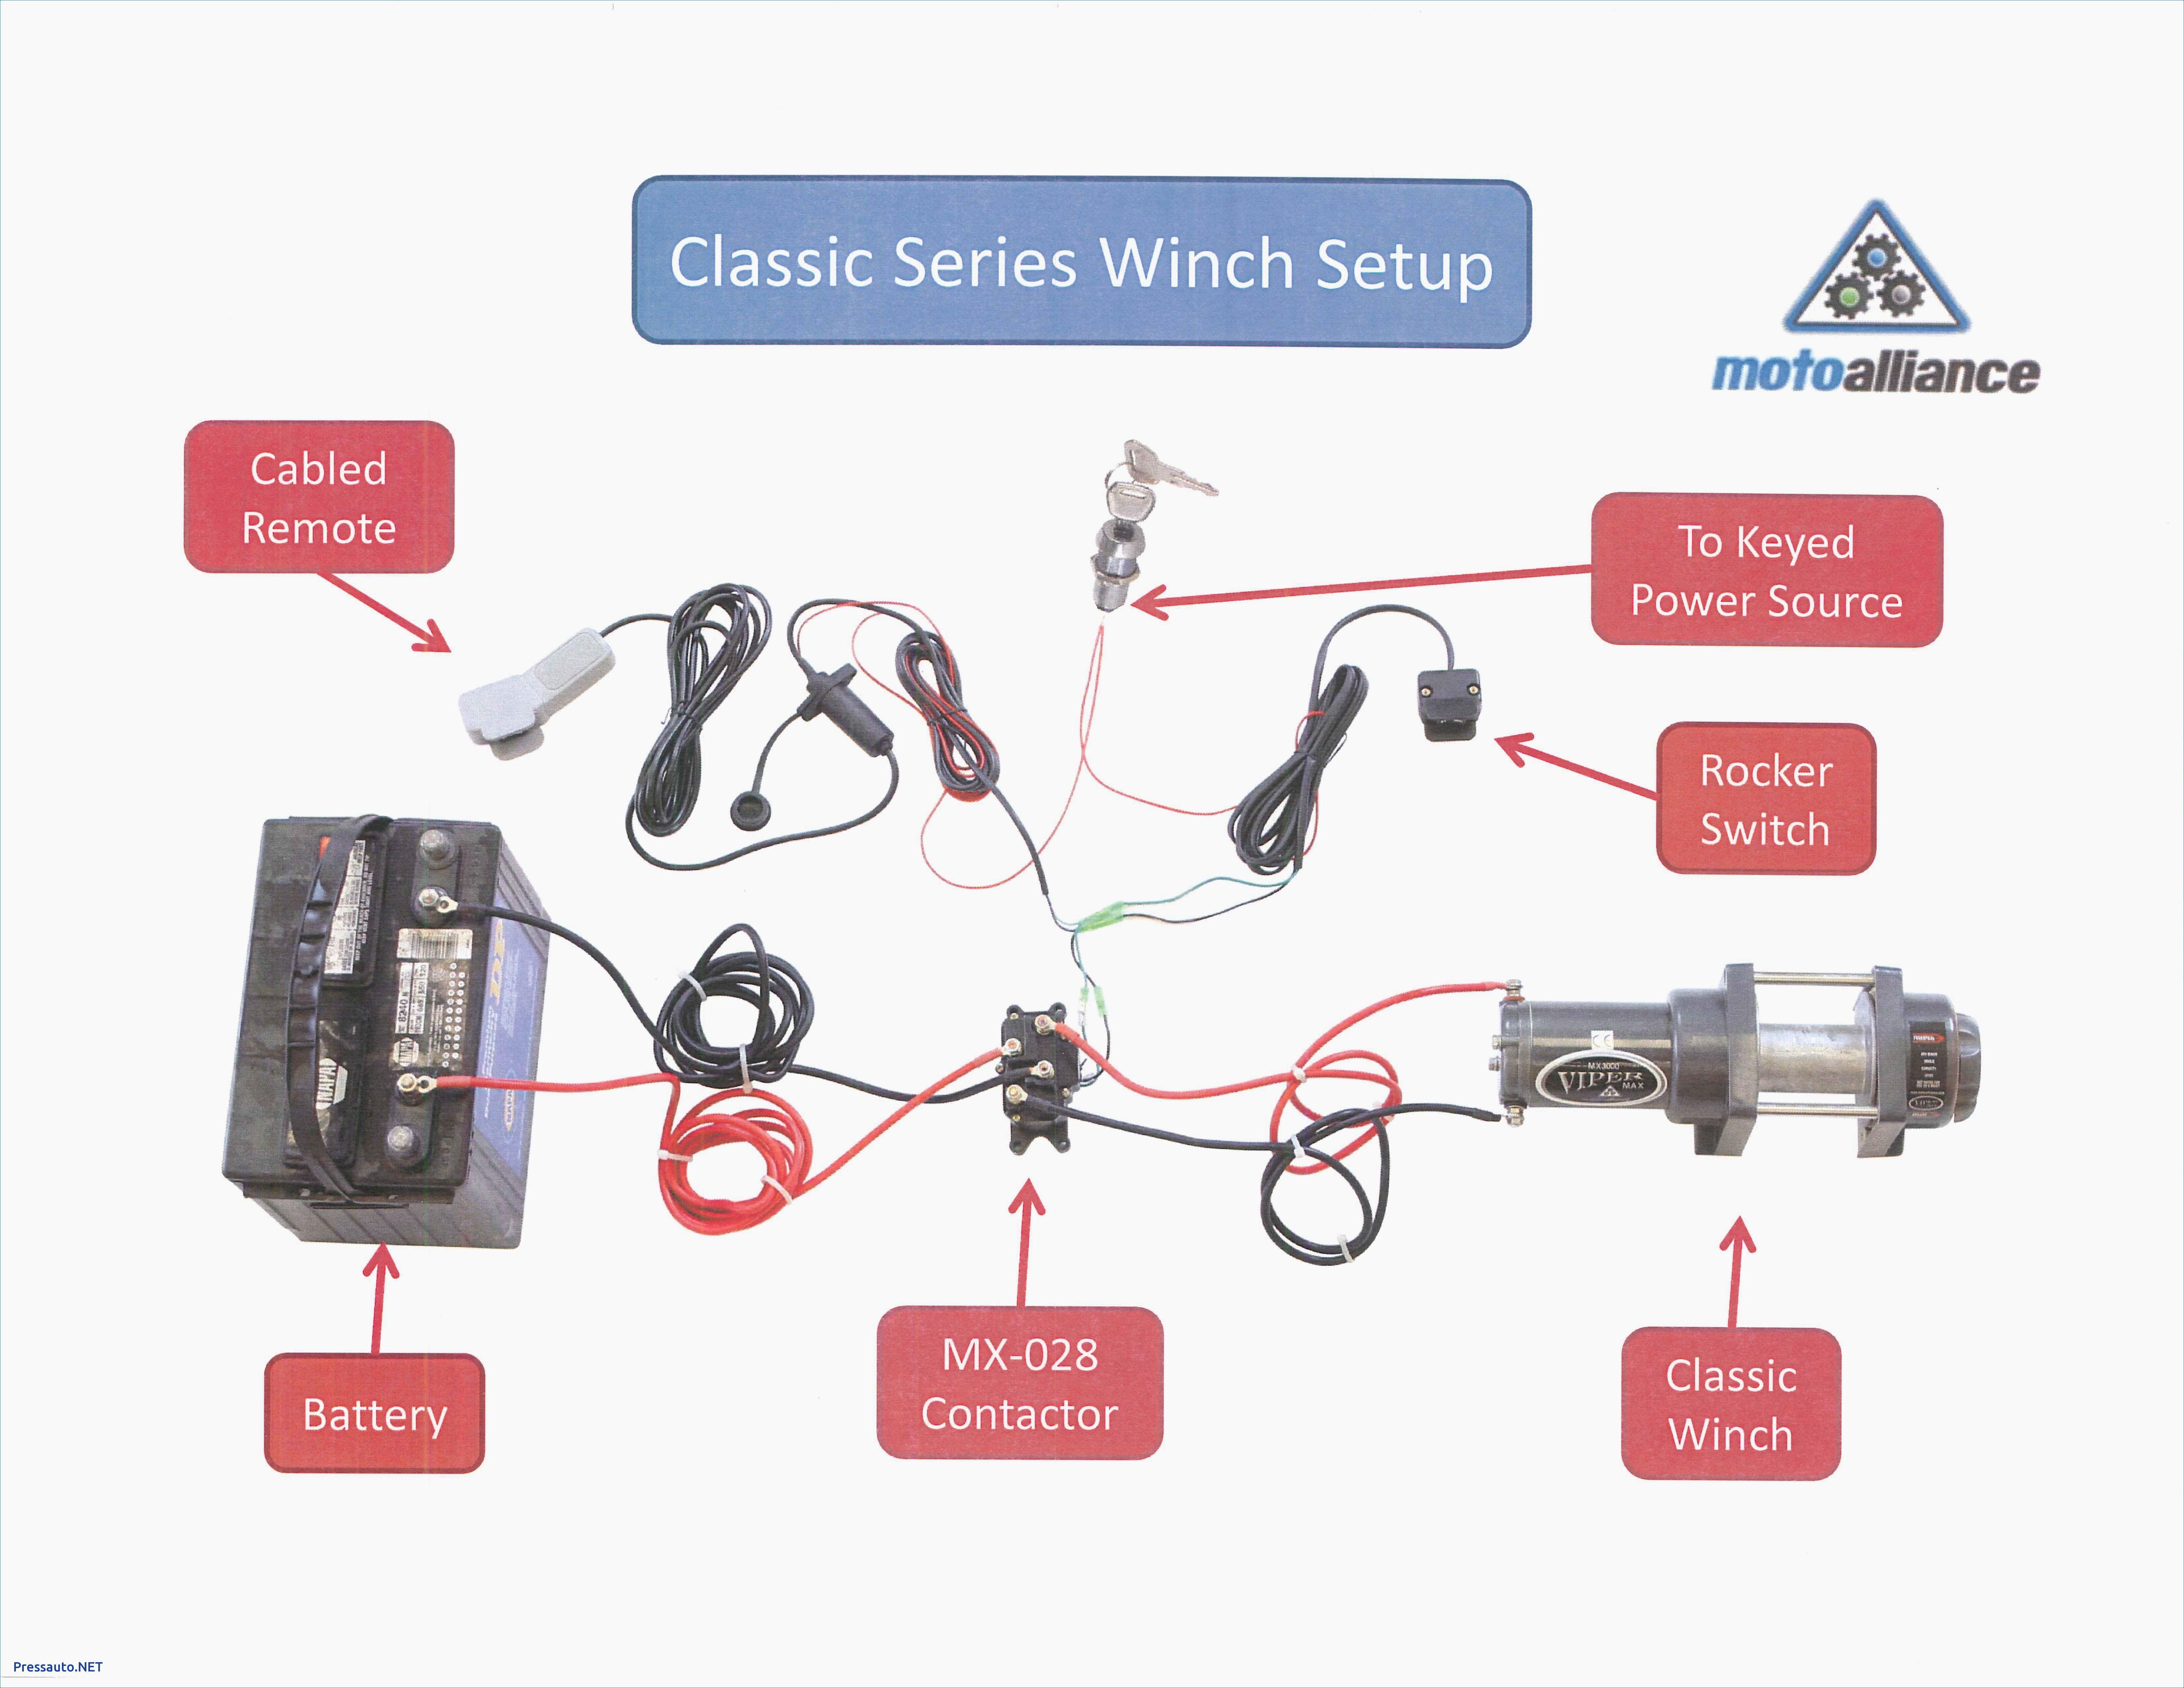 Unique Winch Contactor Wiring Diagram Diagram Diagramtemplate Diagramsample Atv Winch Winch Electrical Diagram